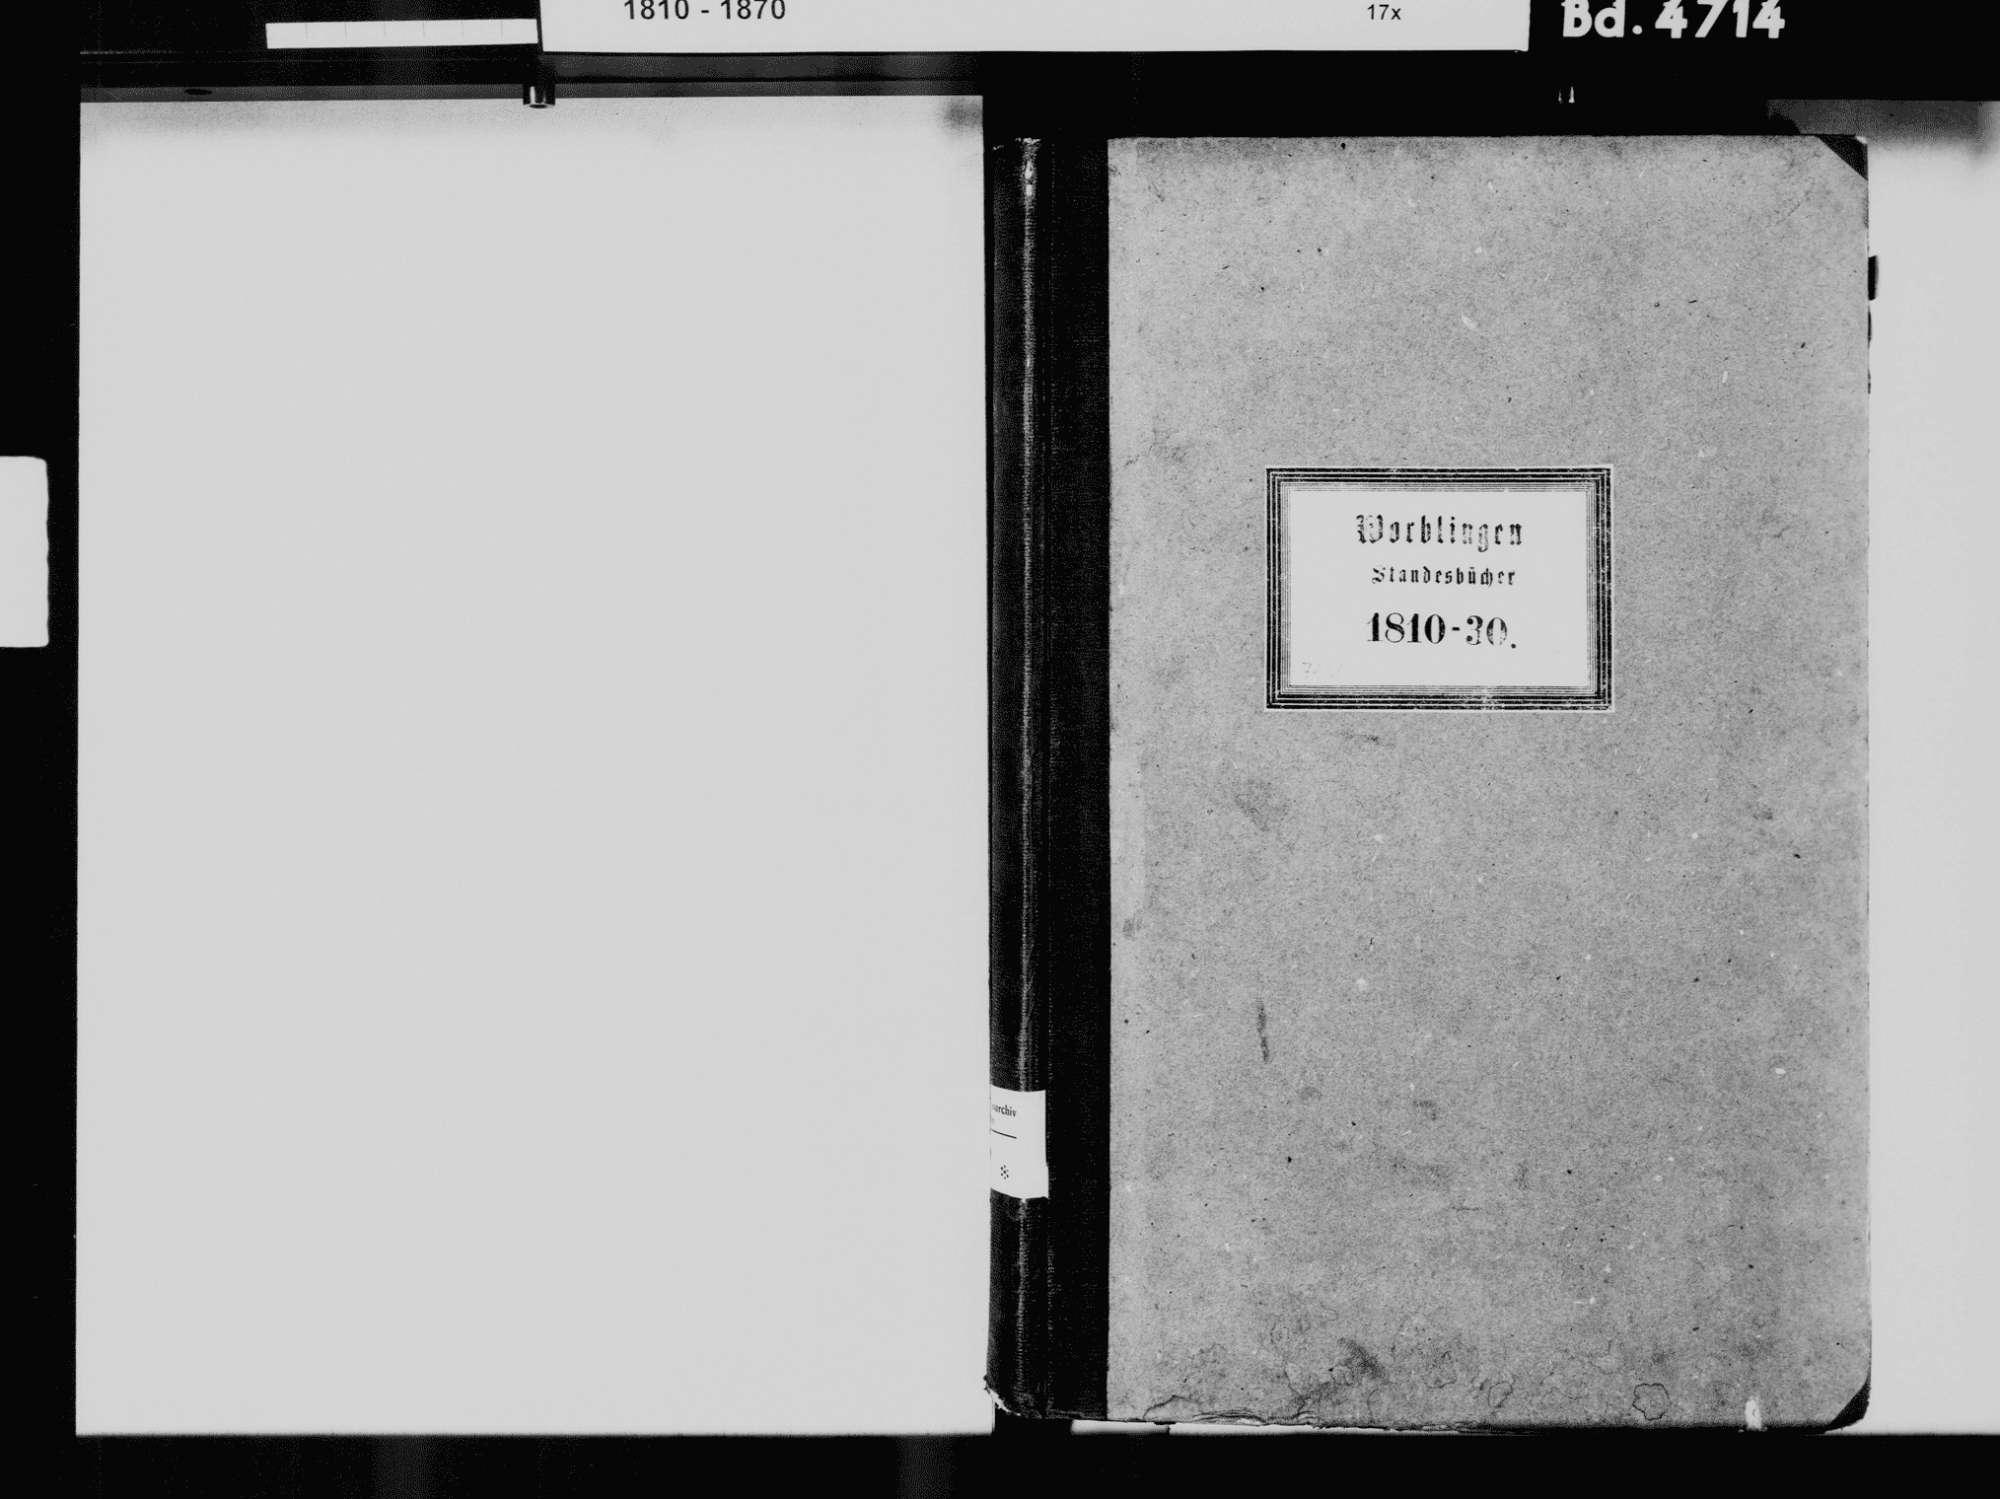 Worblingen, Rielasingen-Worblingen KN; Katholische Gemeinde: Standesbuch 1810-1830 Worblingen, Rielasingen-Worblingen KN; Israelitsche Gemeinde: Standesbuch 1781-1830 [besondere Liste über Geburten von 1781-1816 nach Jahrgang 1817], Bild 3